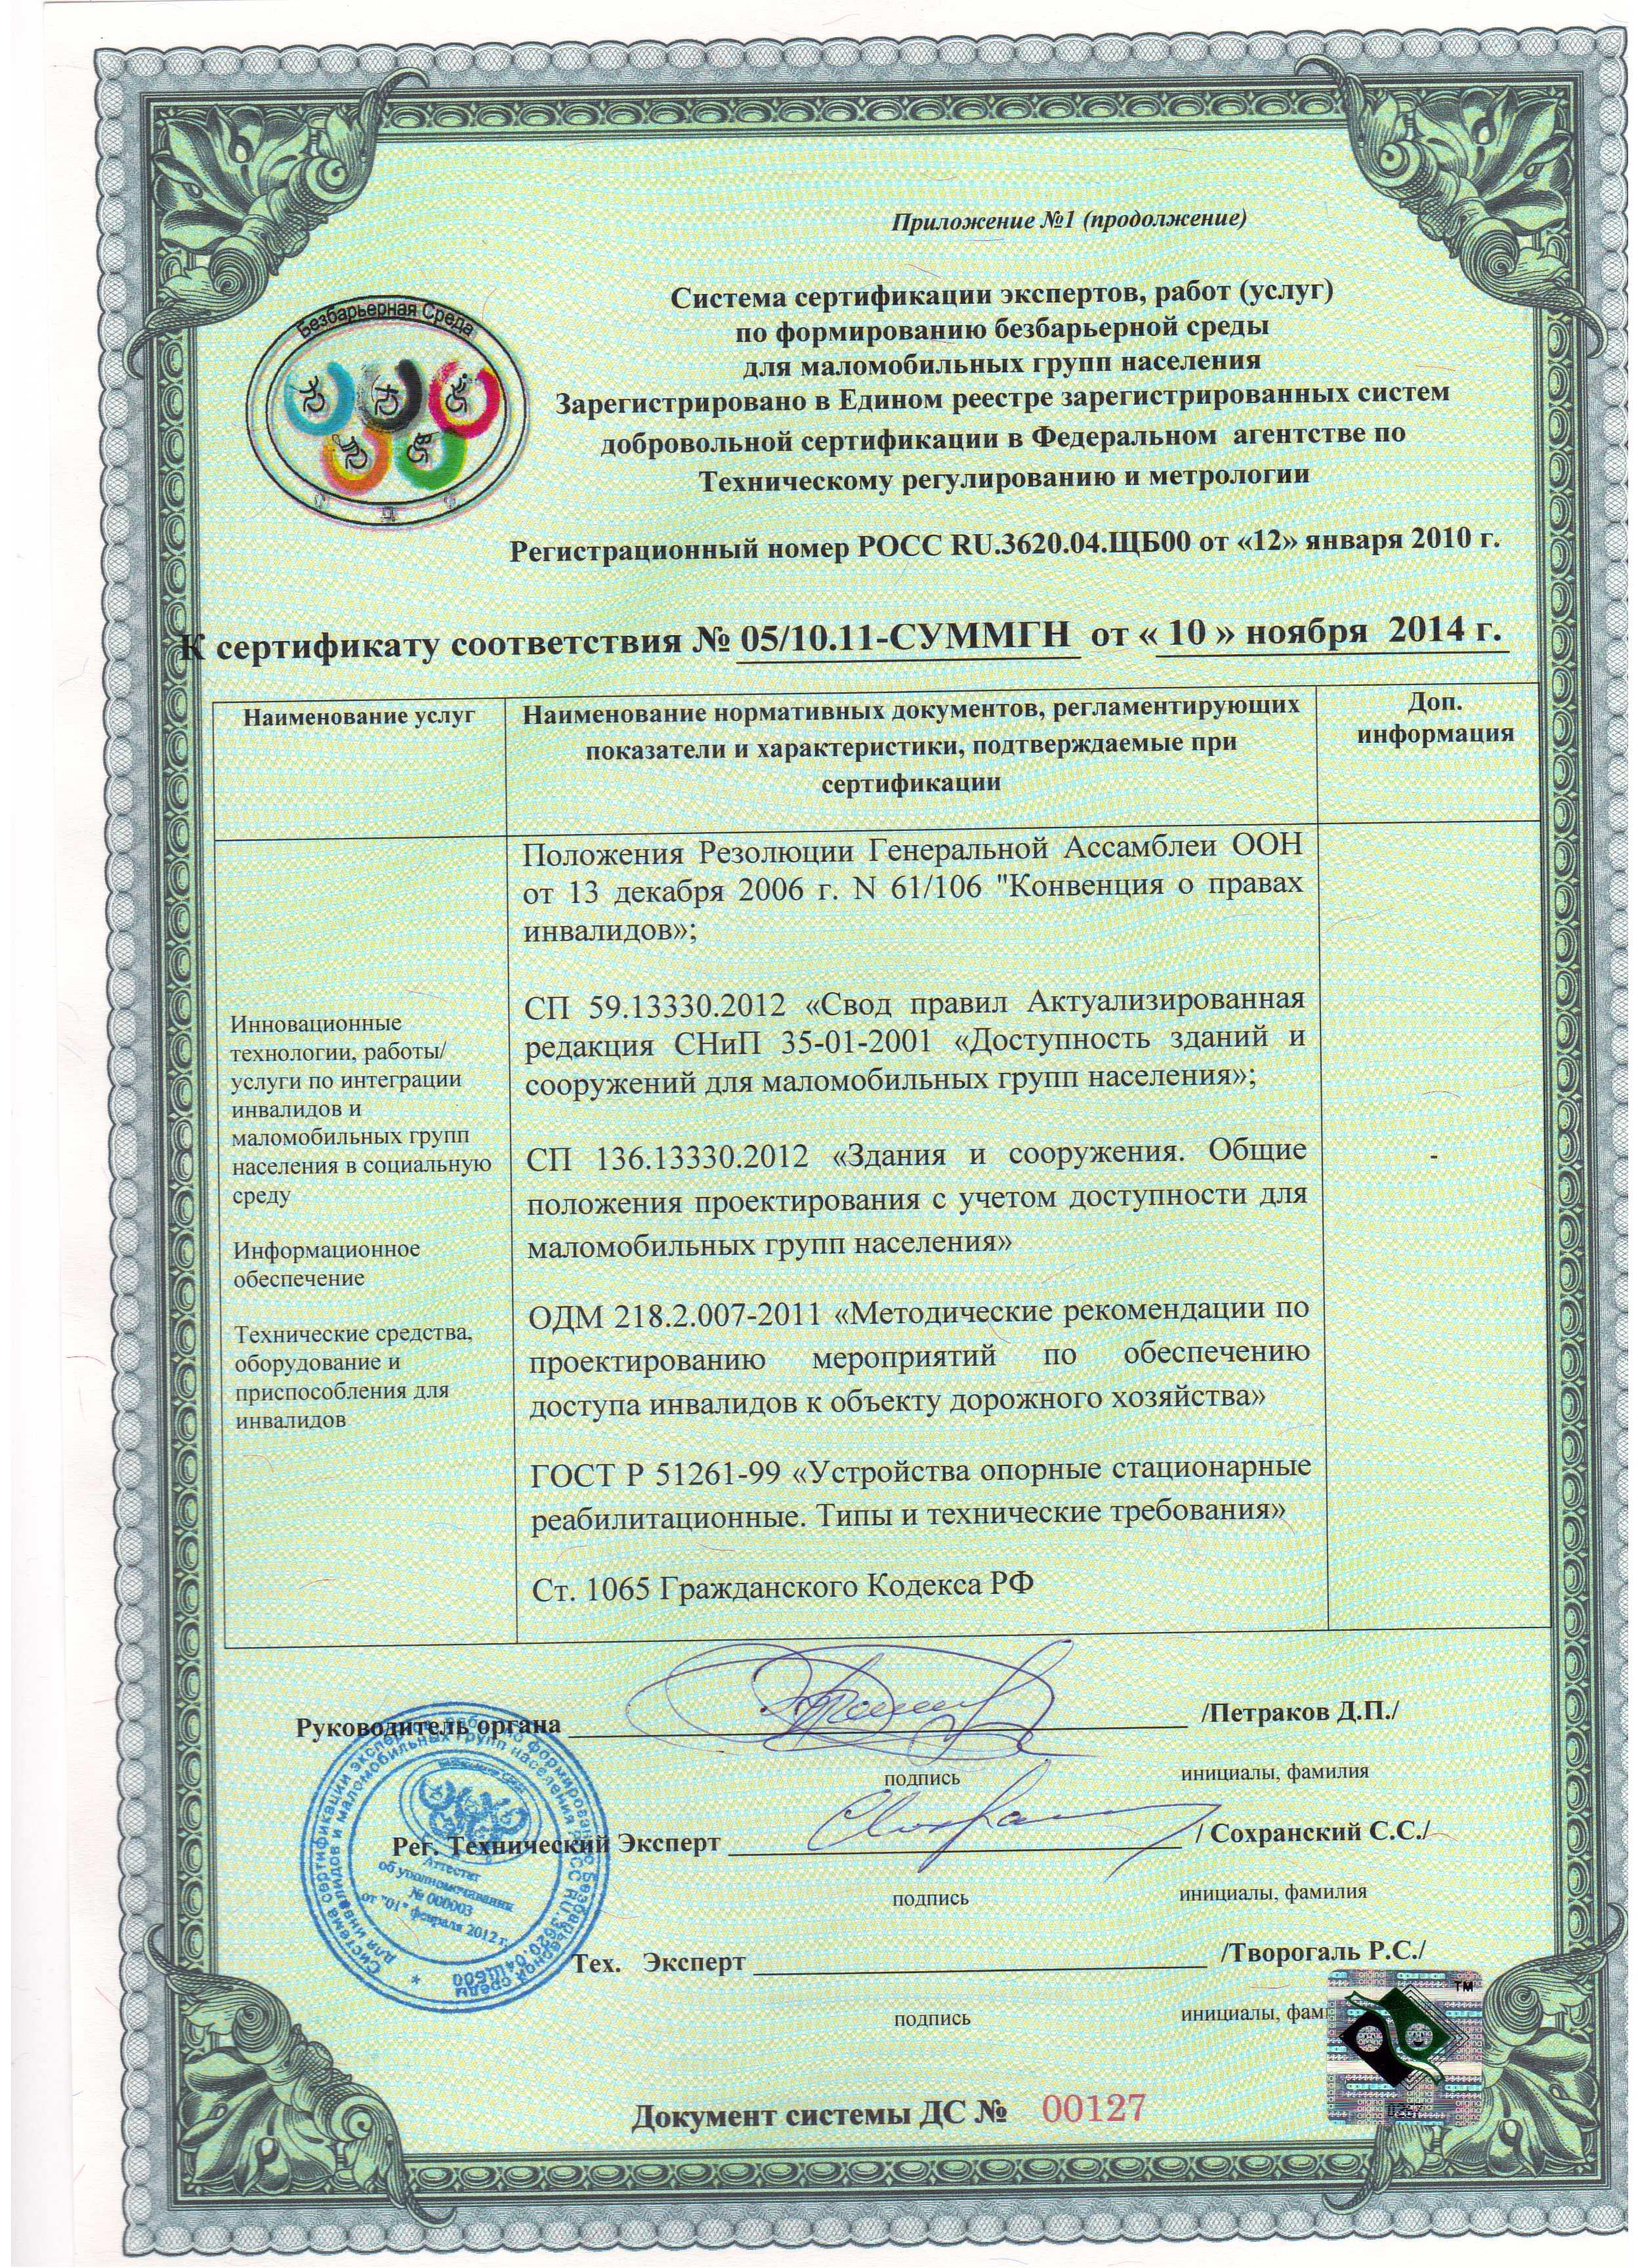 Приложение к сертификату соответствия (продолжение)